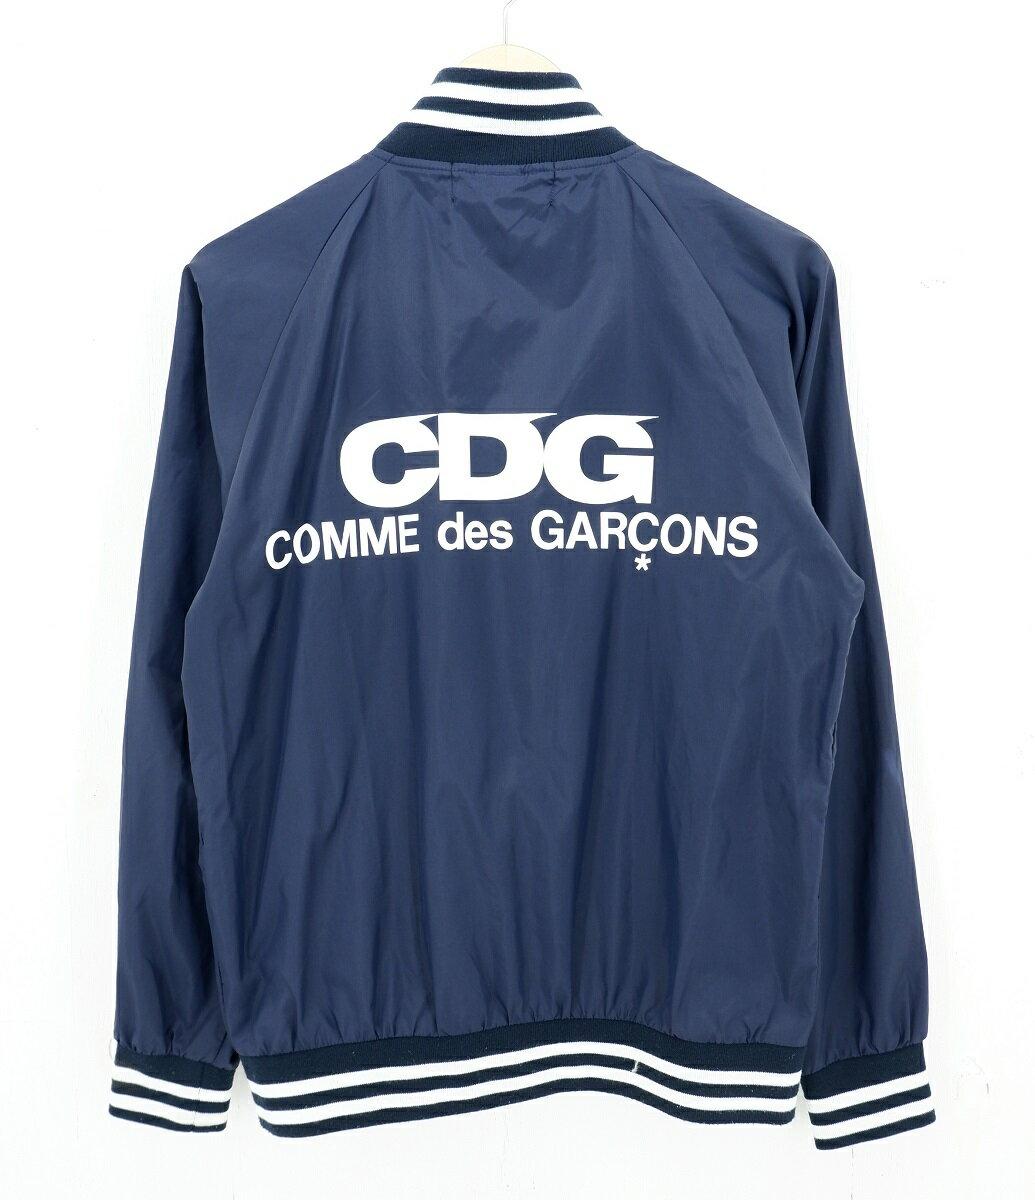 メンズファッション, コート・ジャケット COMME des GARCONS 18SS CDG Varsity Jacket sizeS AD2018 SZ-J006